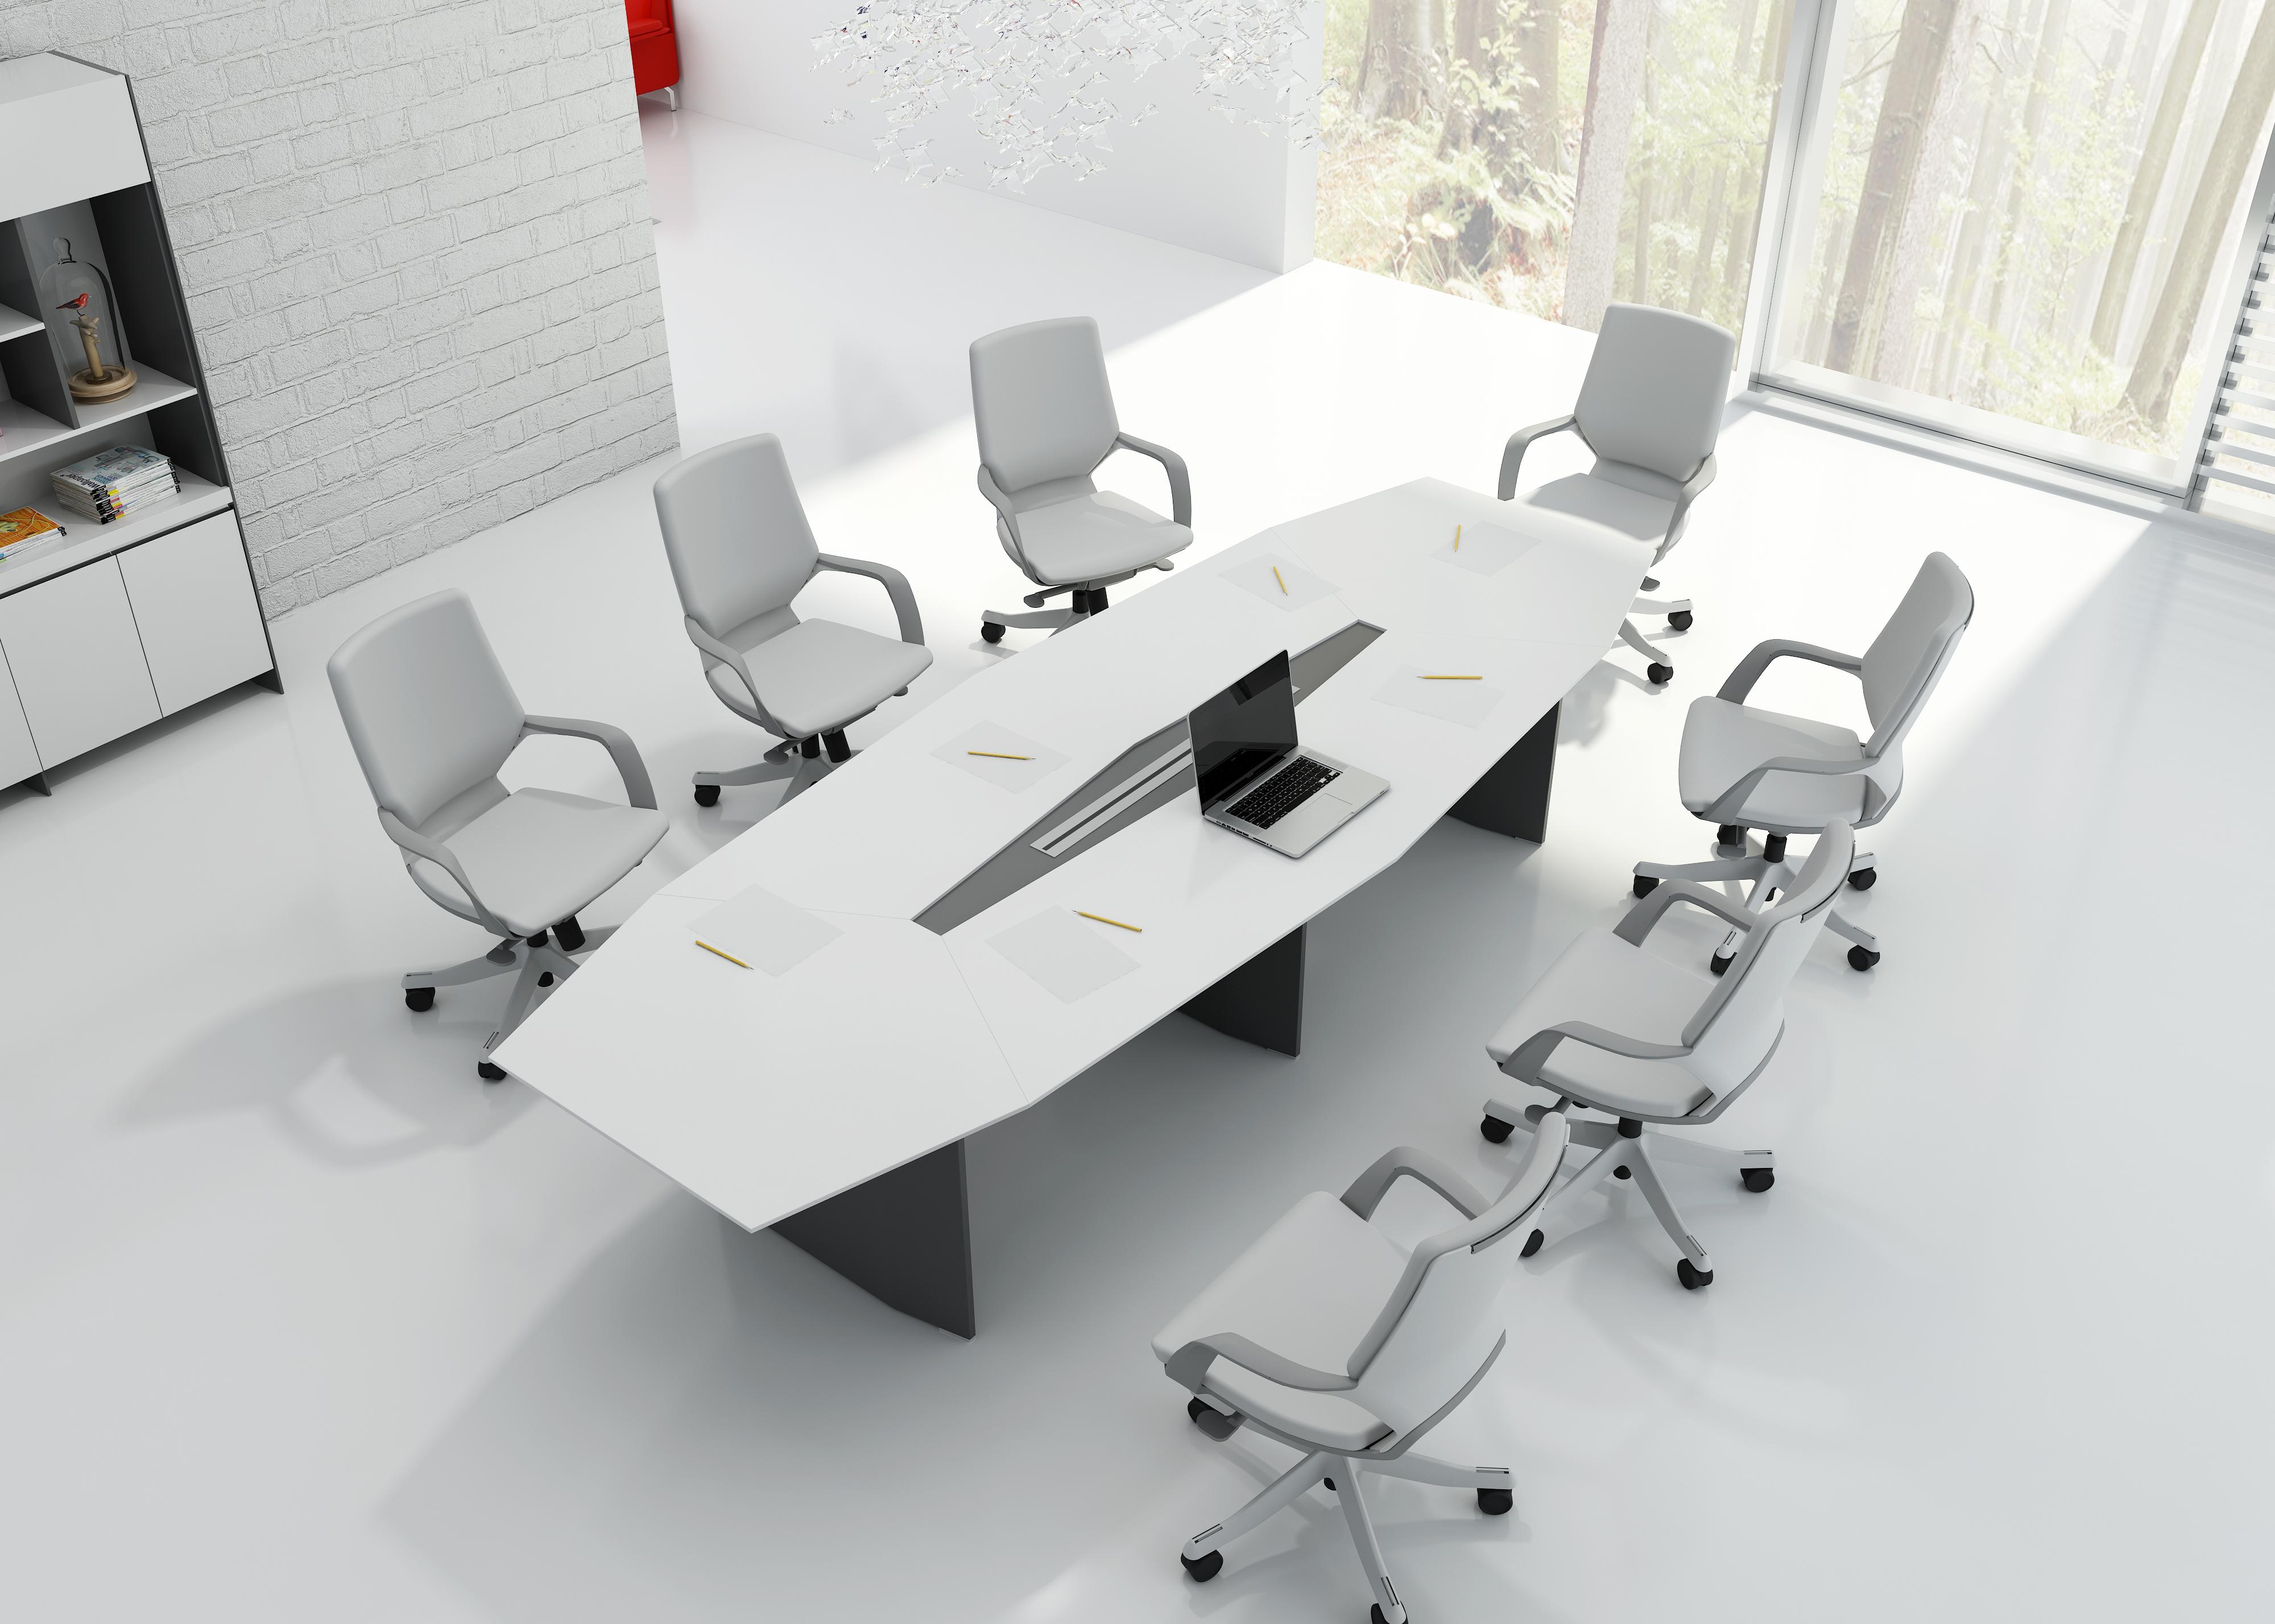 Gens series meeting table